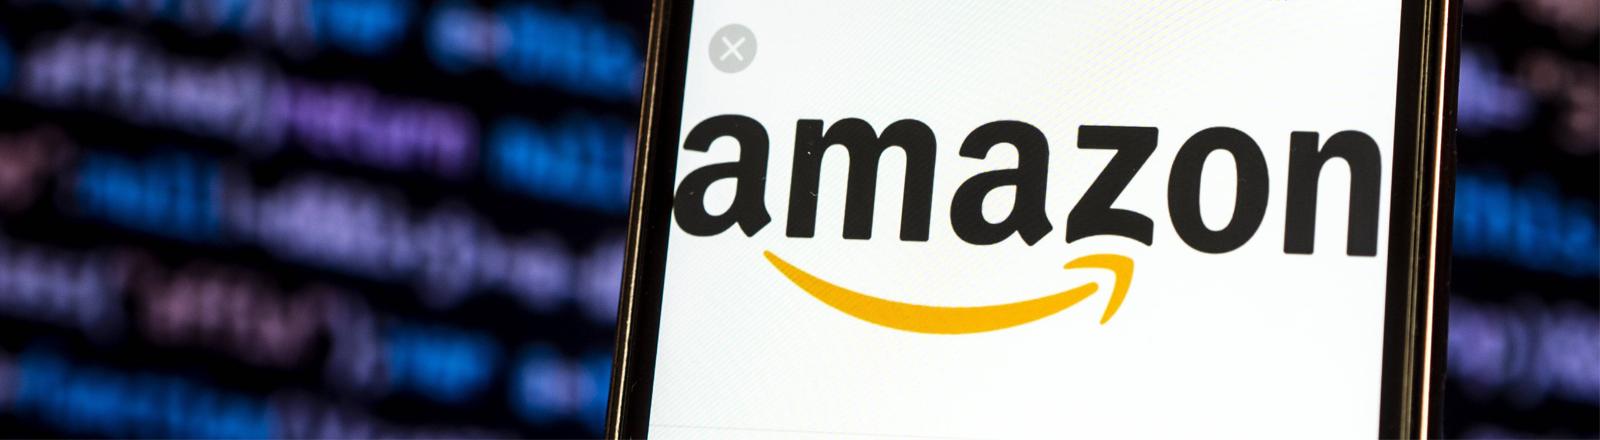 Im Vordergrund ein Smartphone mit Amazon-Logo auf dem Bildschirm, im Hintergrund verschwommen Datenkolonnen